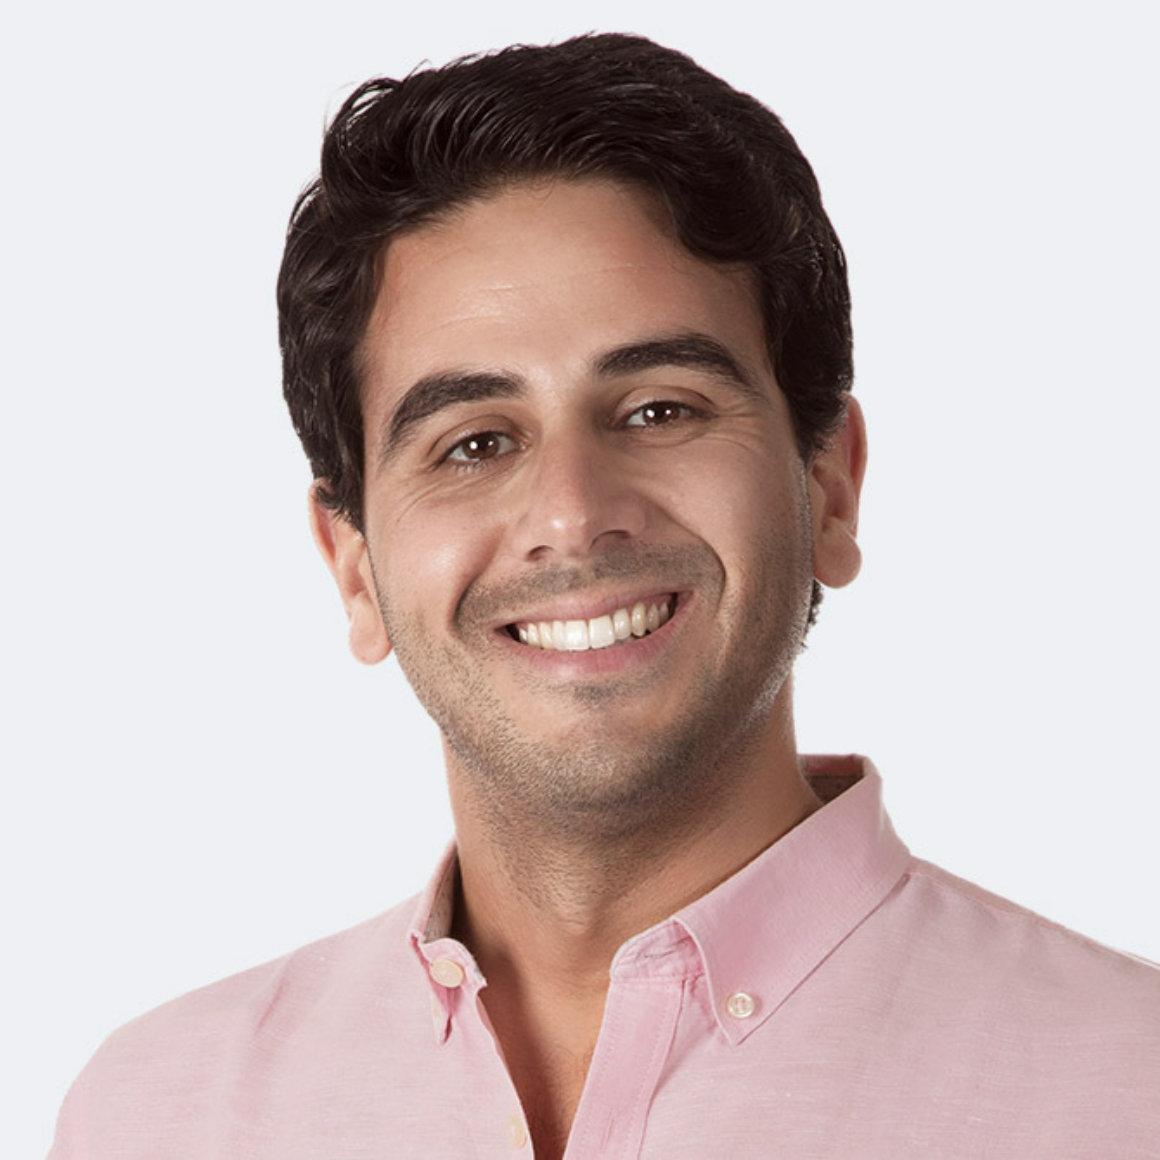 Mohamed Elbassiouny